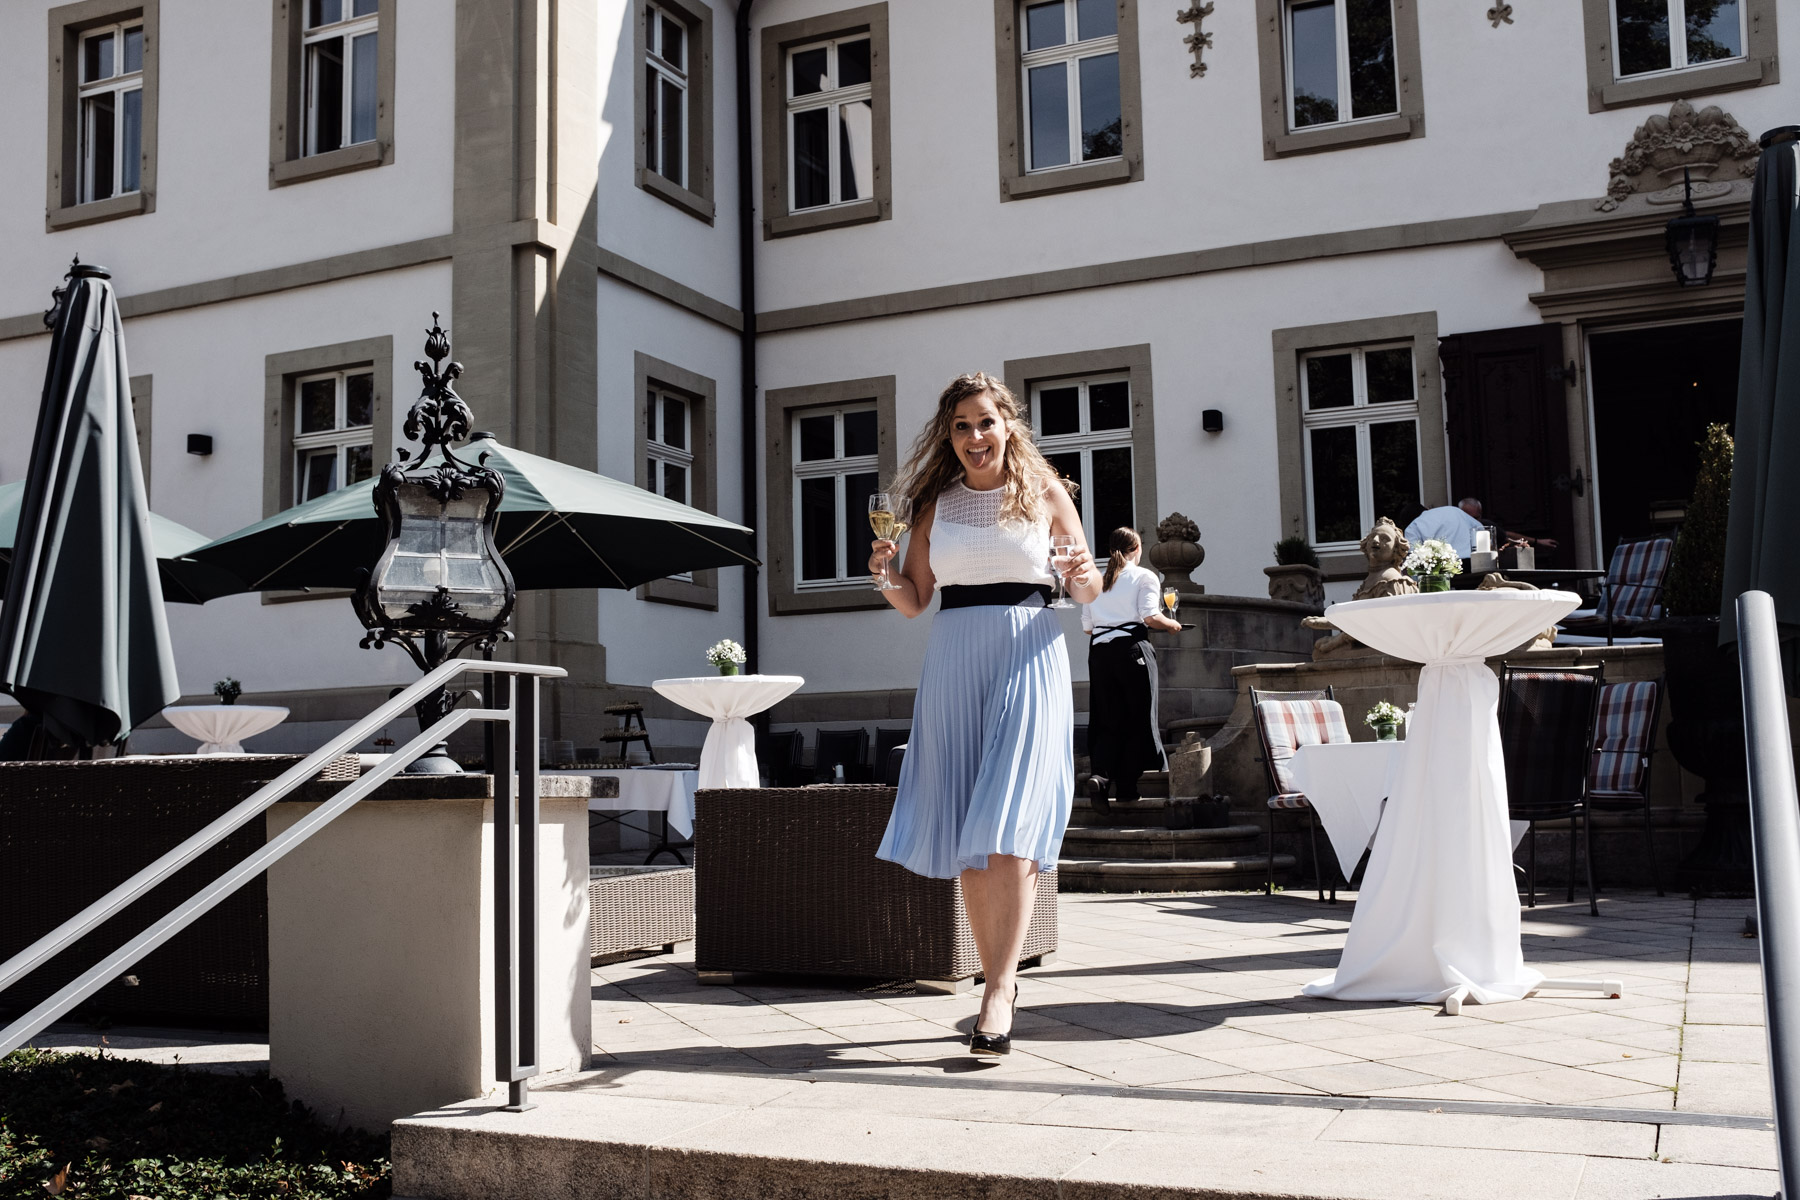 MartinLiebl_Kein_Hochzeitsfotograf_Blog_CWF_Bad_Neustadt_36.jpg